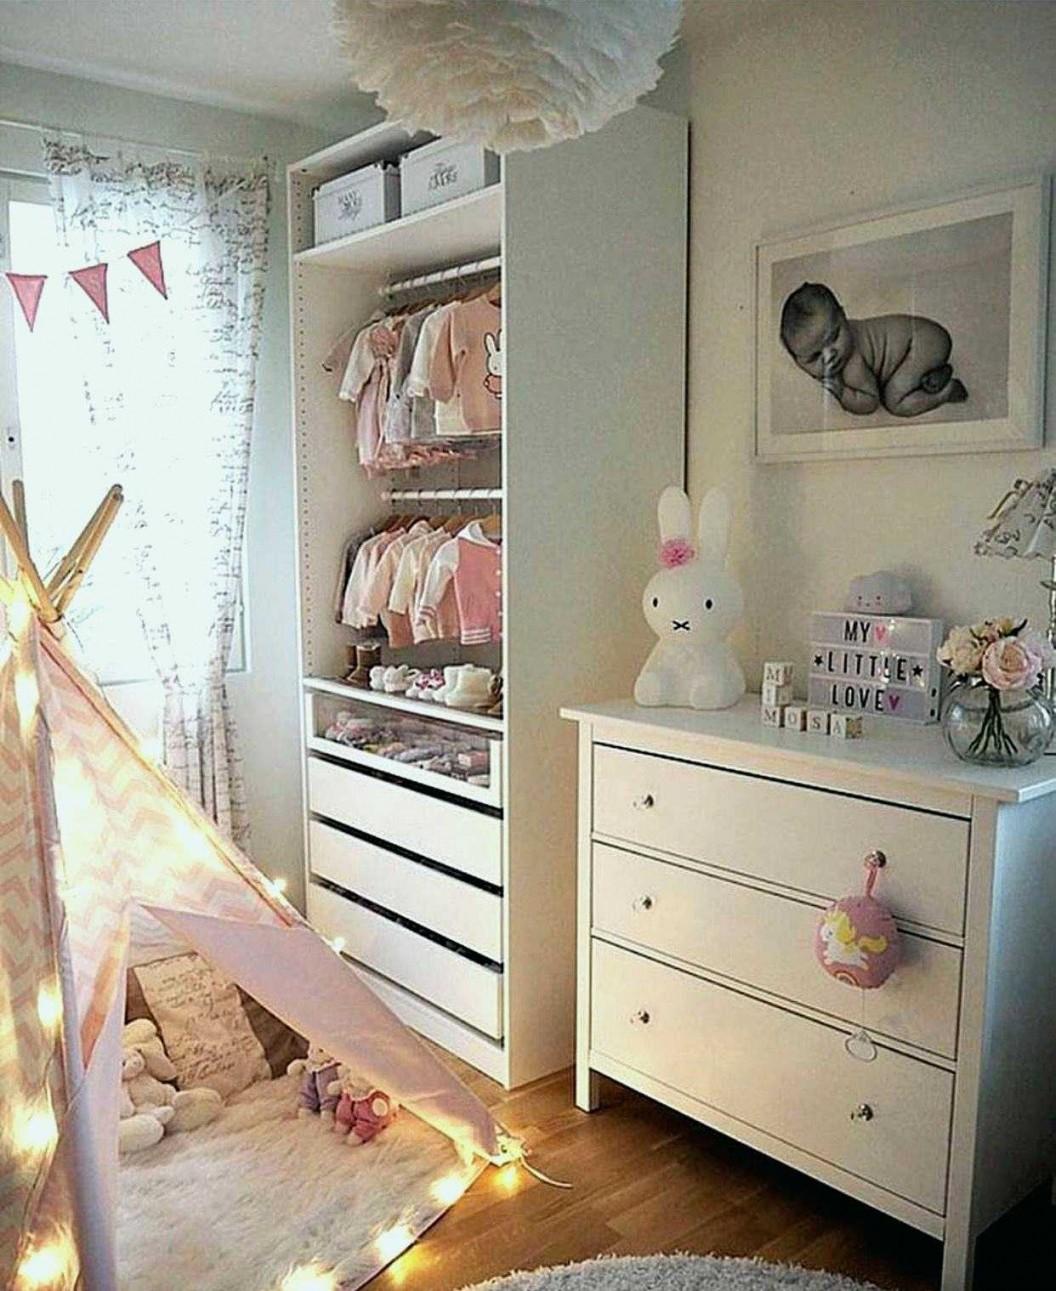 Tapete Schlafzimmer Romantisch Schlafzimmer Romantisch 0D von Deko Für Babyzimmer Junge Bild